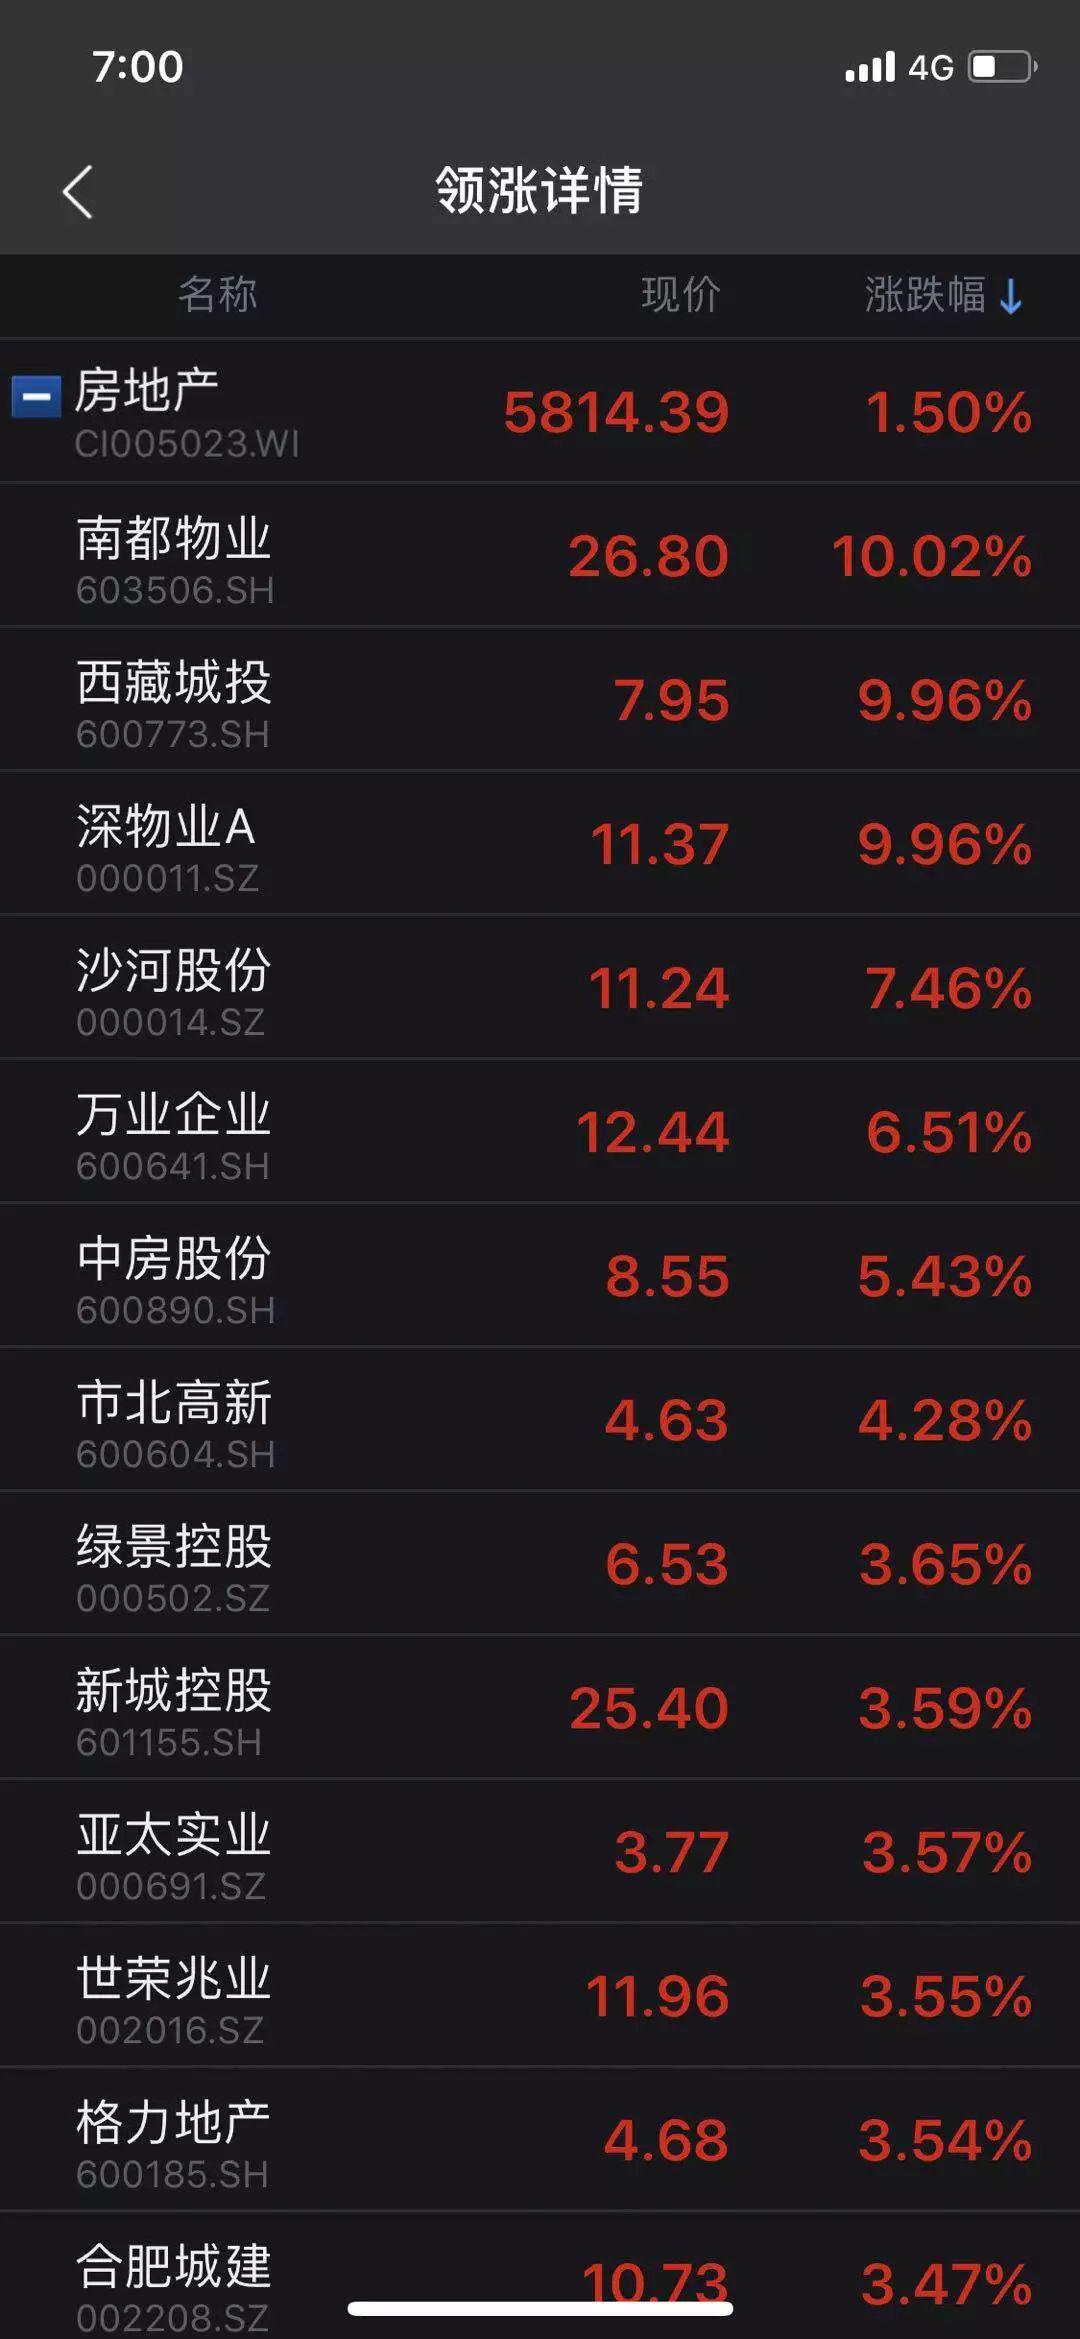 香港内房股方面,中国恒大大涨8%,融创中国、碧桂园、龙光地产也均有一定程度的上涨。